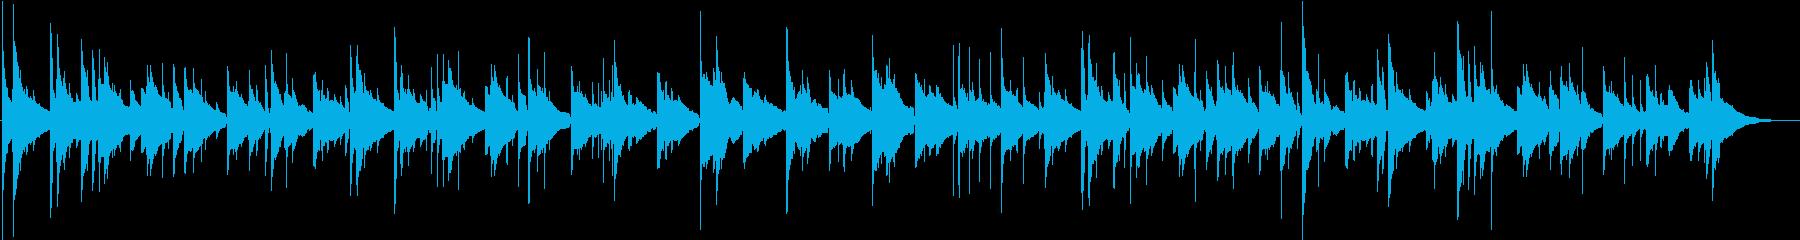 ほのぼのリラックス/クラシックギターの再生済みの波形